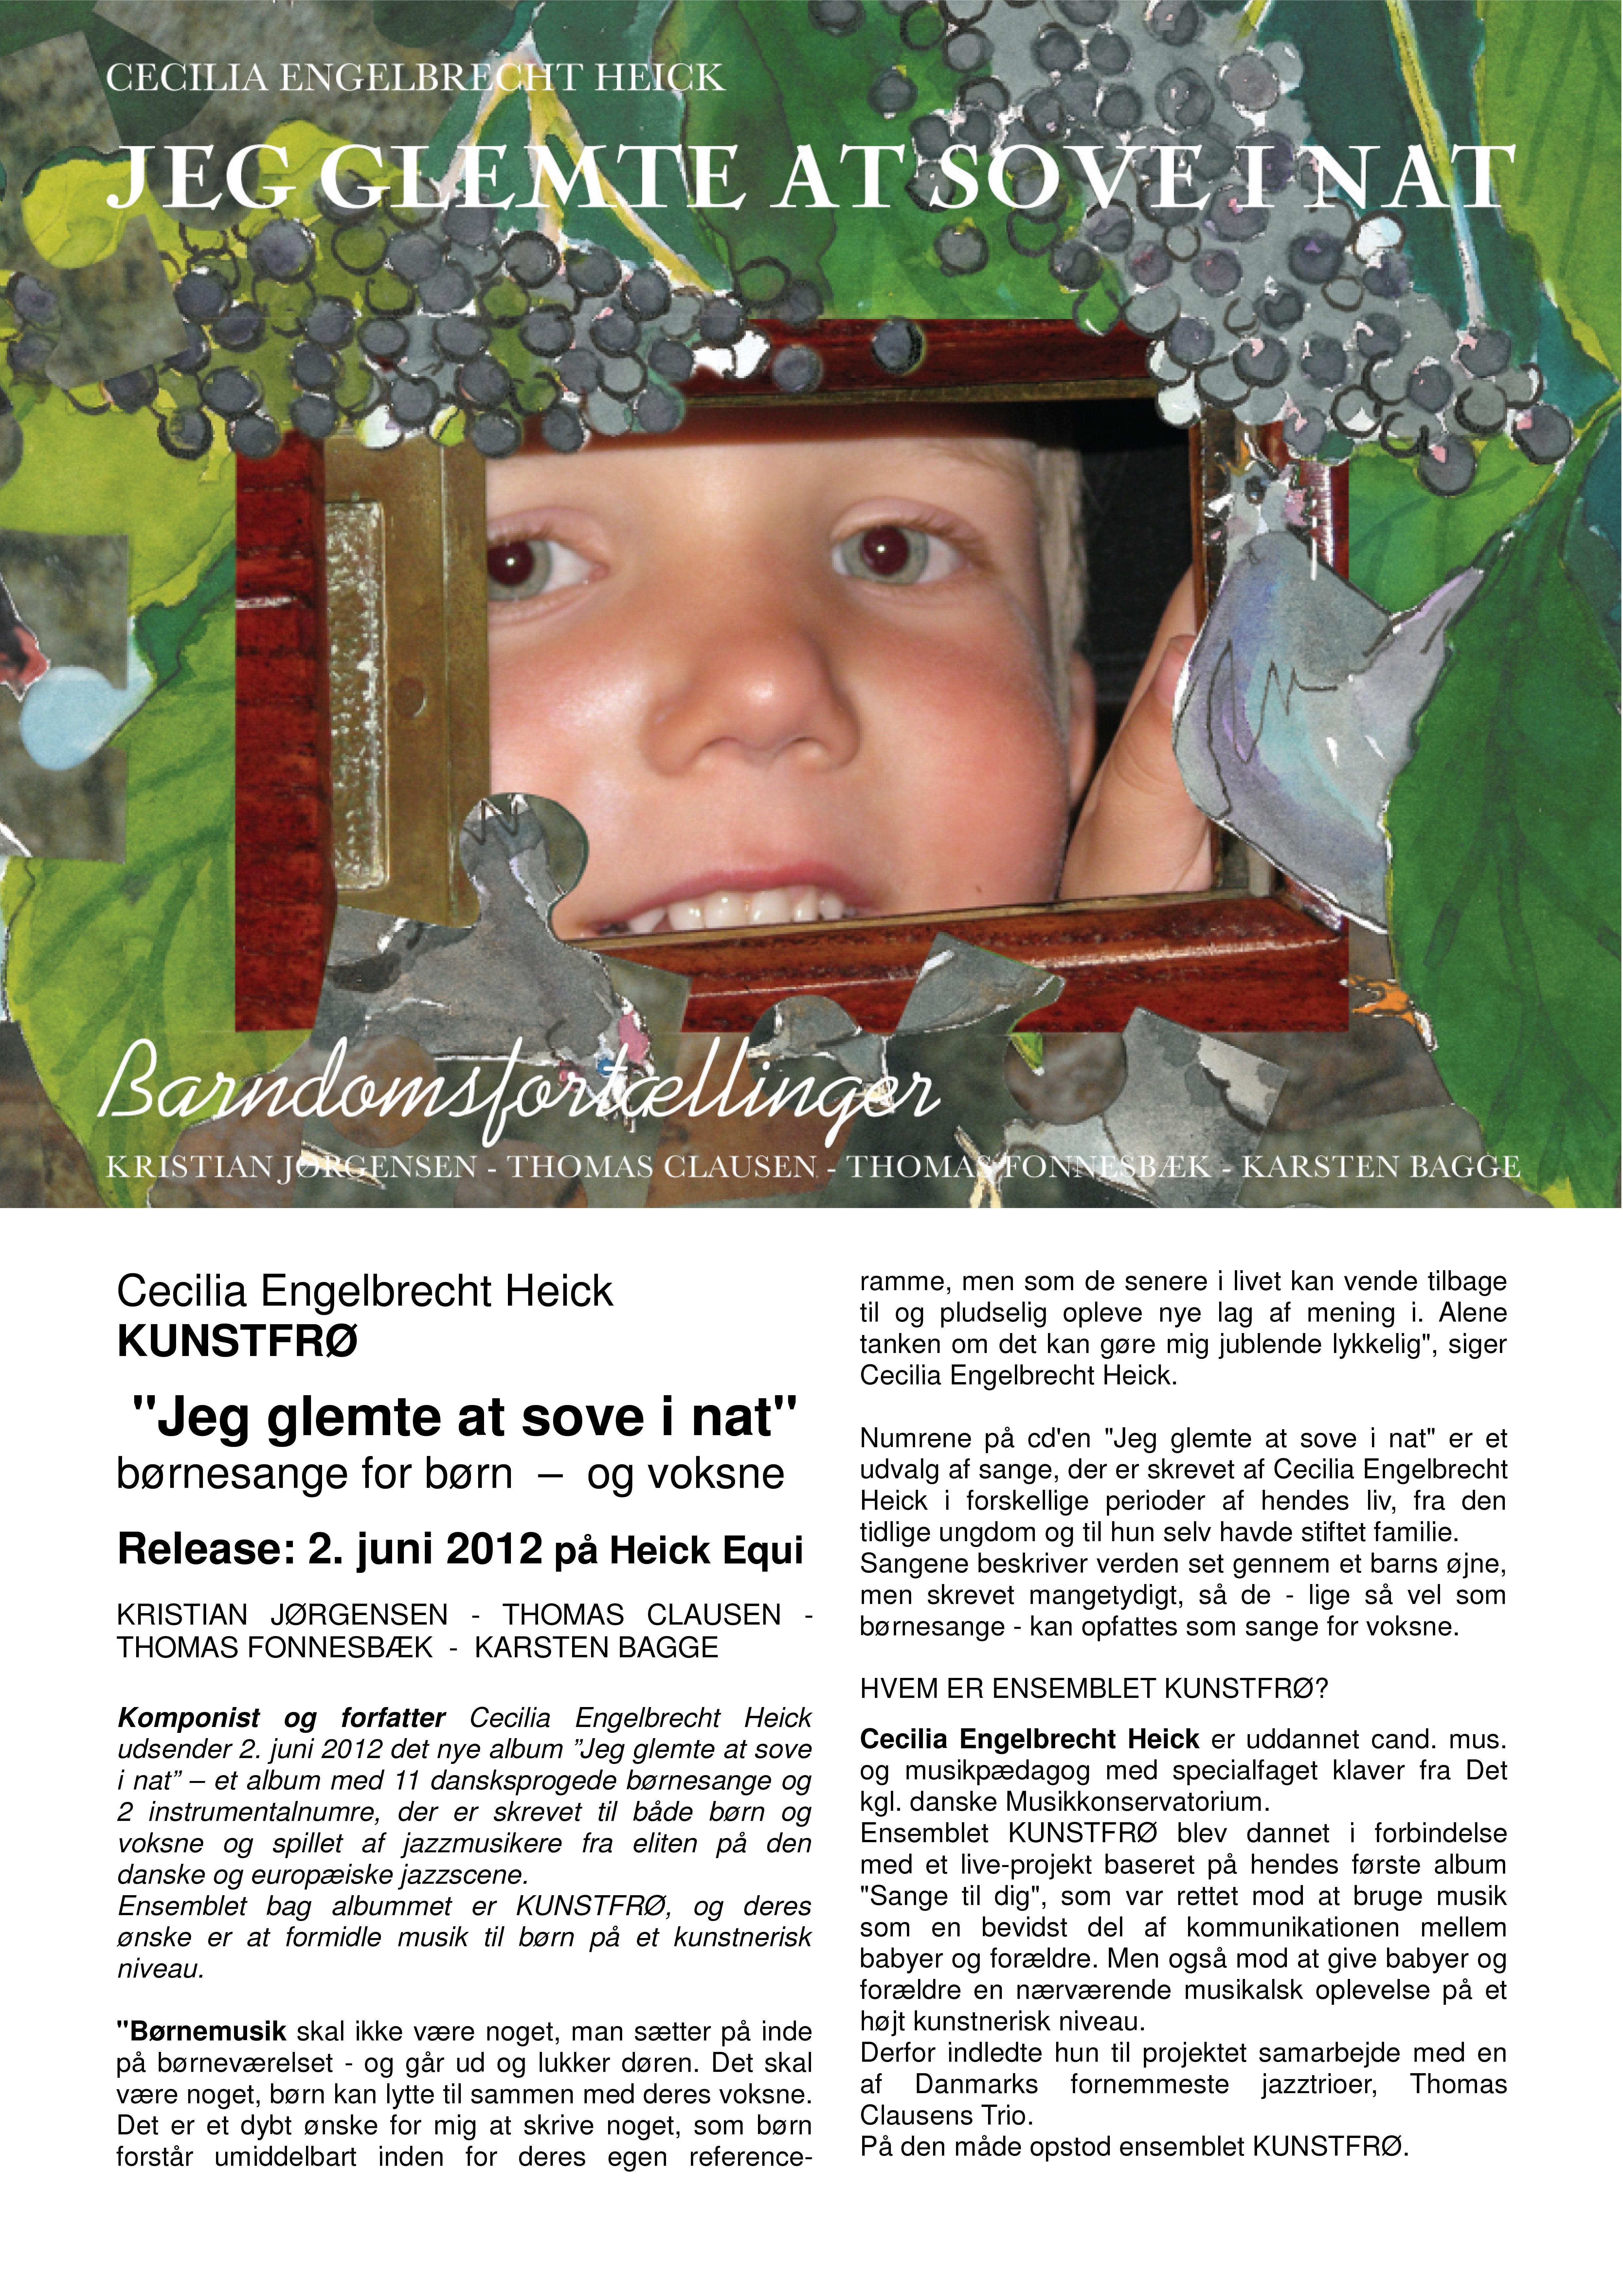 pressemeddelelse_jegglemteatsoveinat_02_06_2012_side1